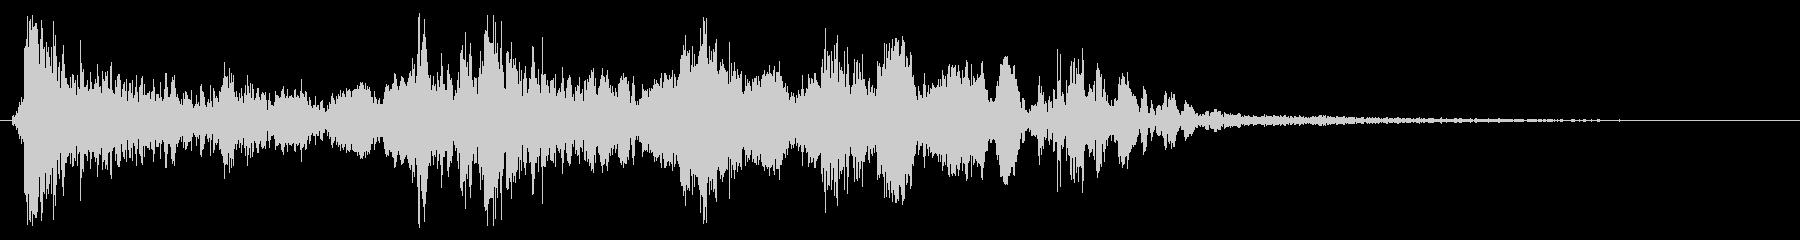 ドンガラガッシャン(静かめ)の未再生の波形